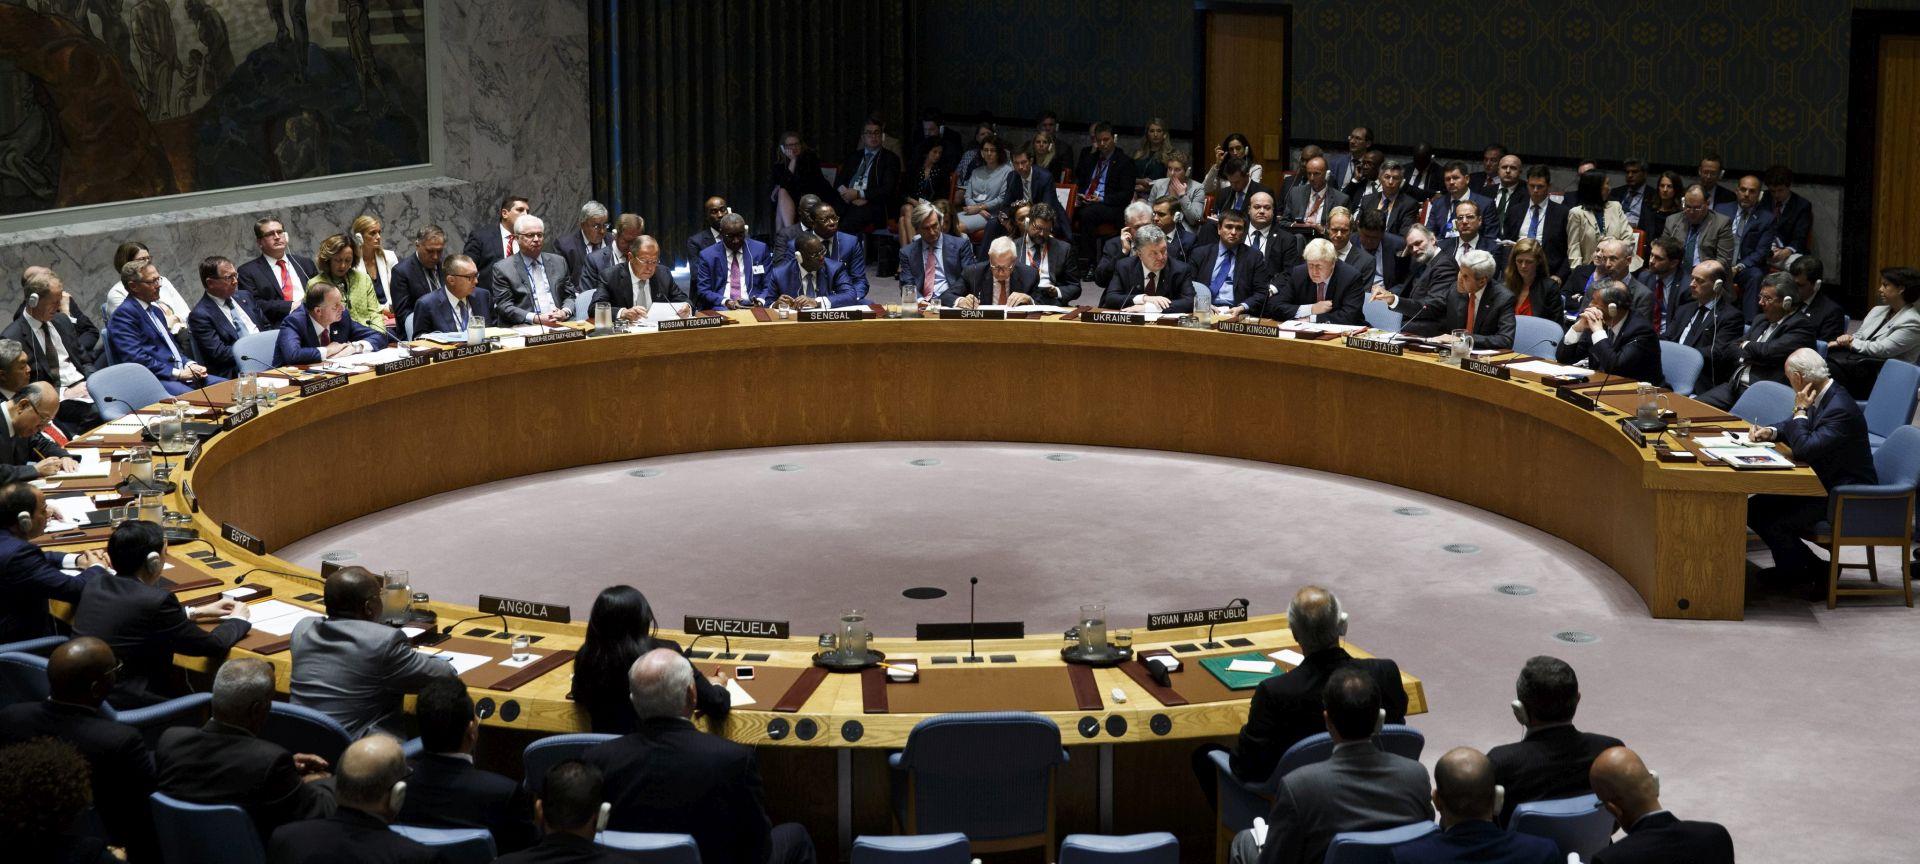 DOGOVORI I PRLJAVI TRIKOVI: Iza kulisa utrke za novog glavnog tajnika UN-a